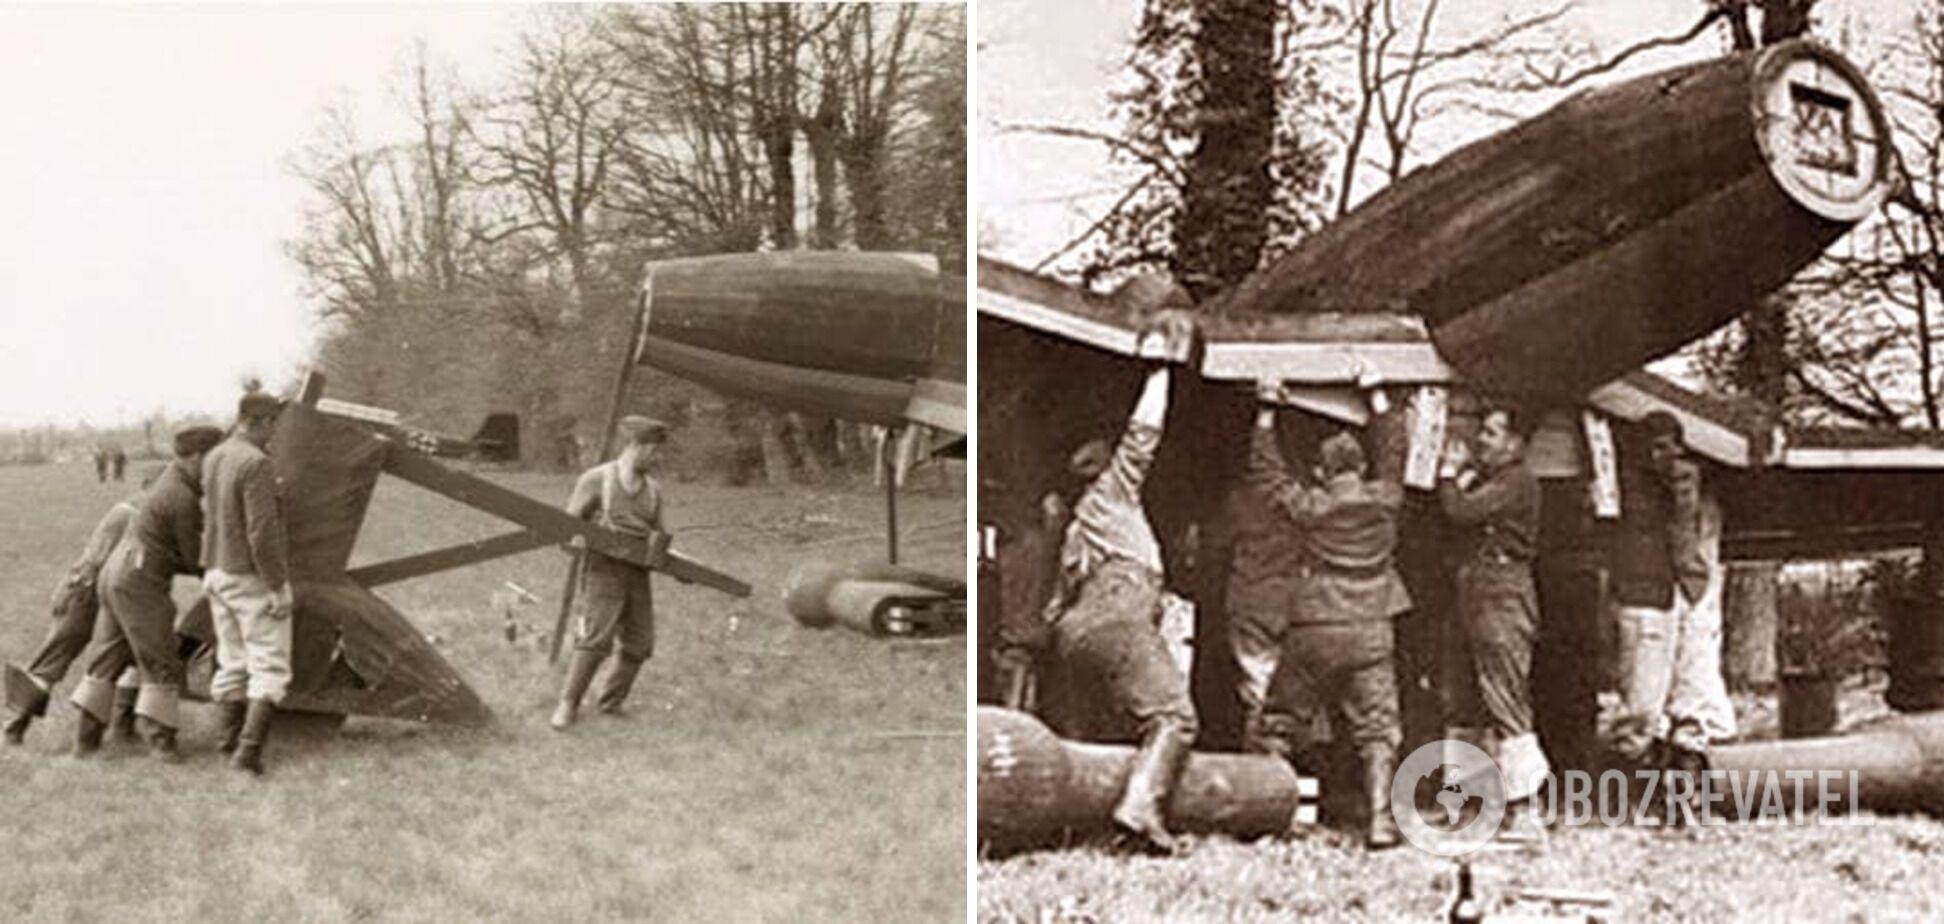 'Інша справа!' Про секретний аеродром, дерев'яну бомбу і англійський гумор